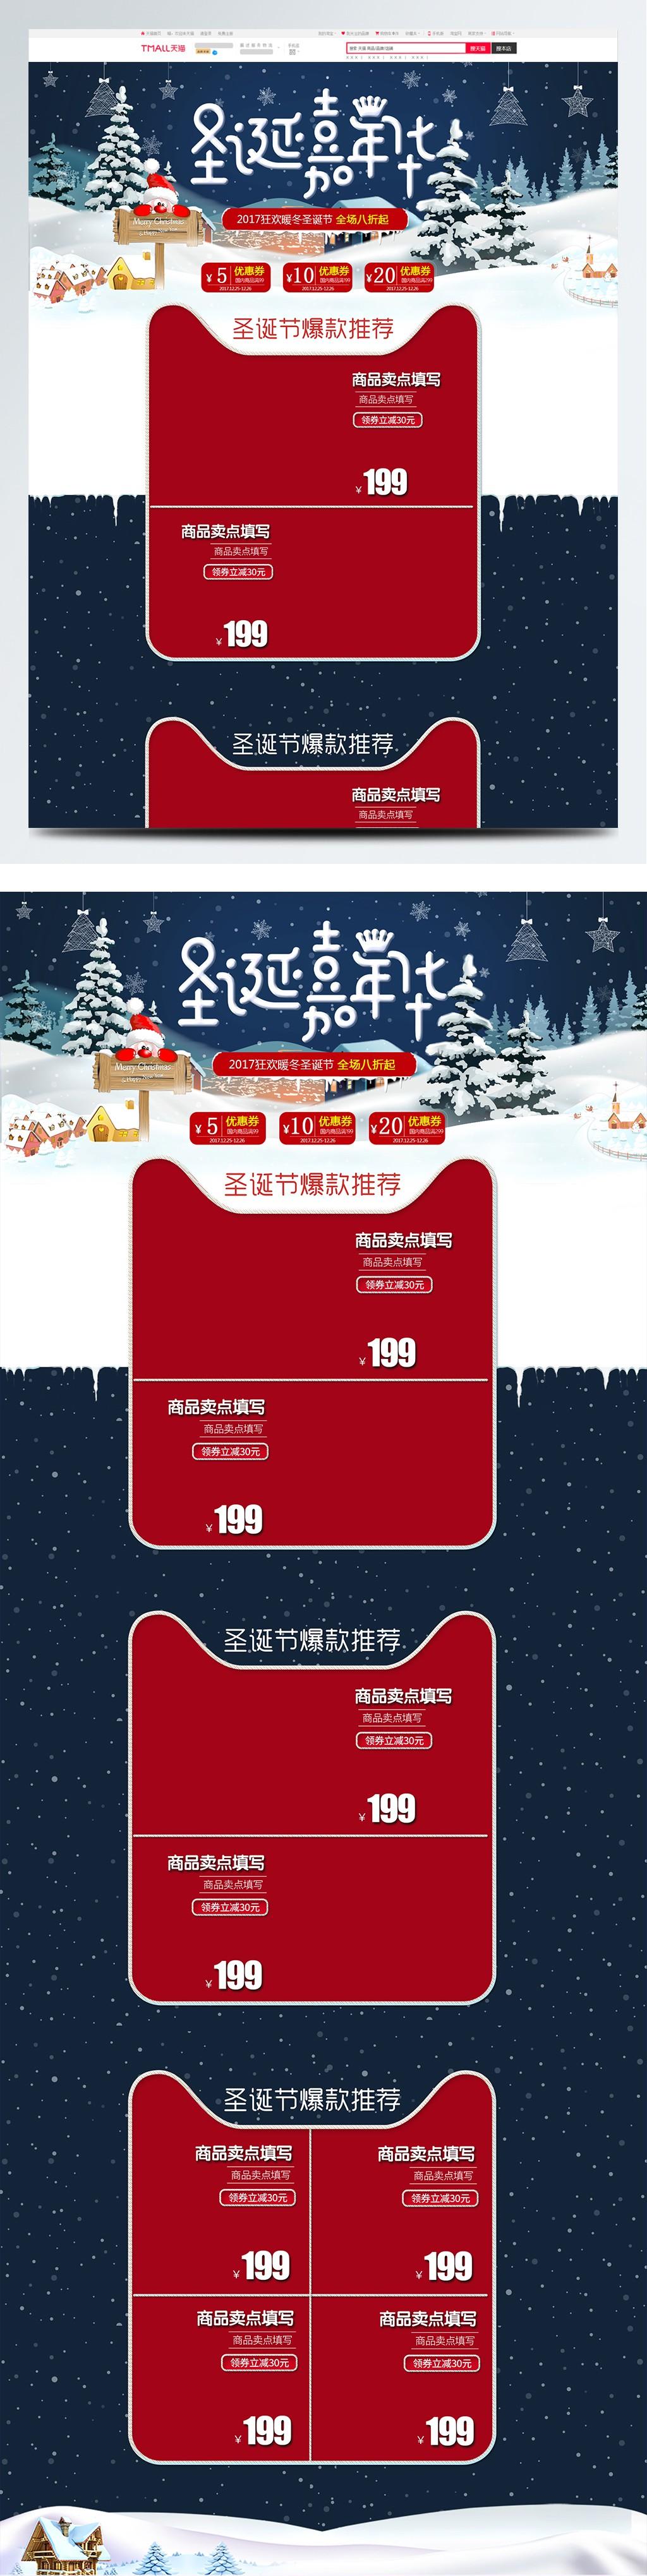 蓝色雪地雪花圣诞嘉年华圣诞节淘宝首页